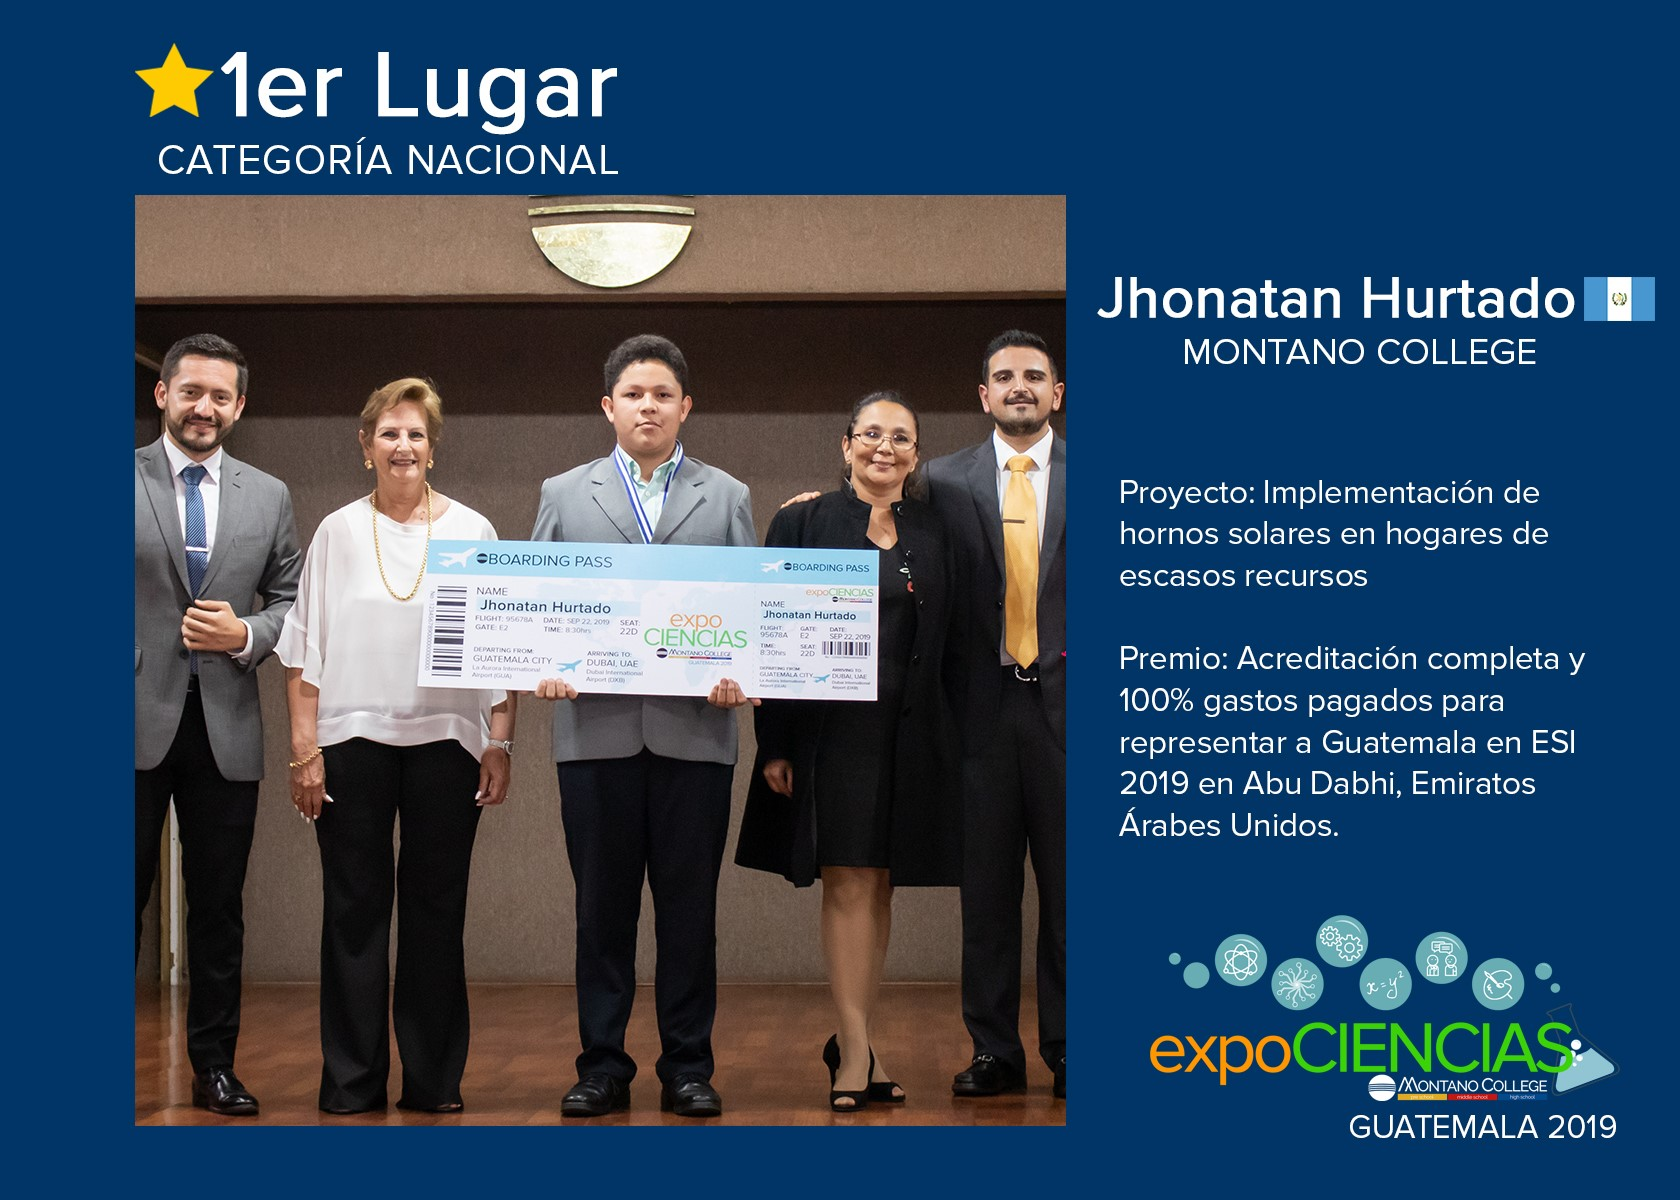 Jhonatan Hurtado representará a Guatemala en Esi2019 Abu Dhabi, Emiratos Árabes Unidos